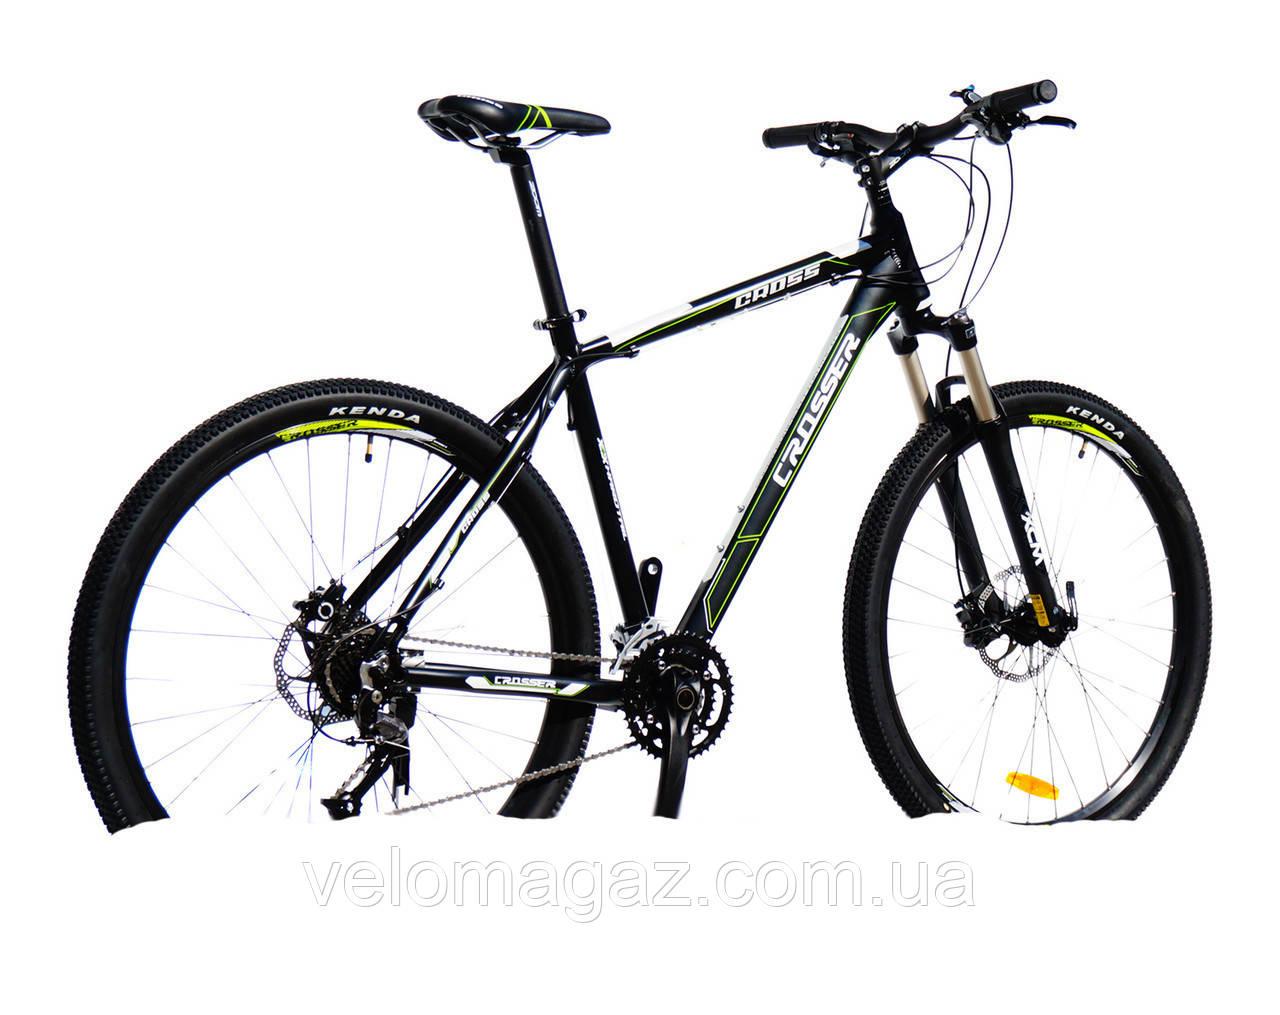 """Велосипед Crosser Cross-1 *21 29"""" черный горный алюминиевый гидравлика"""